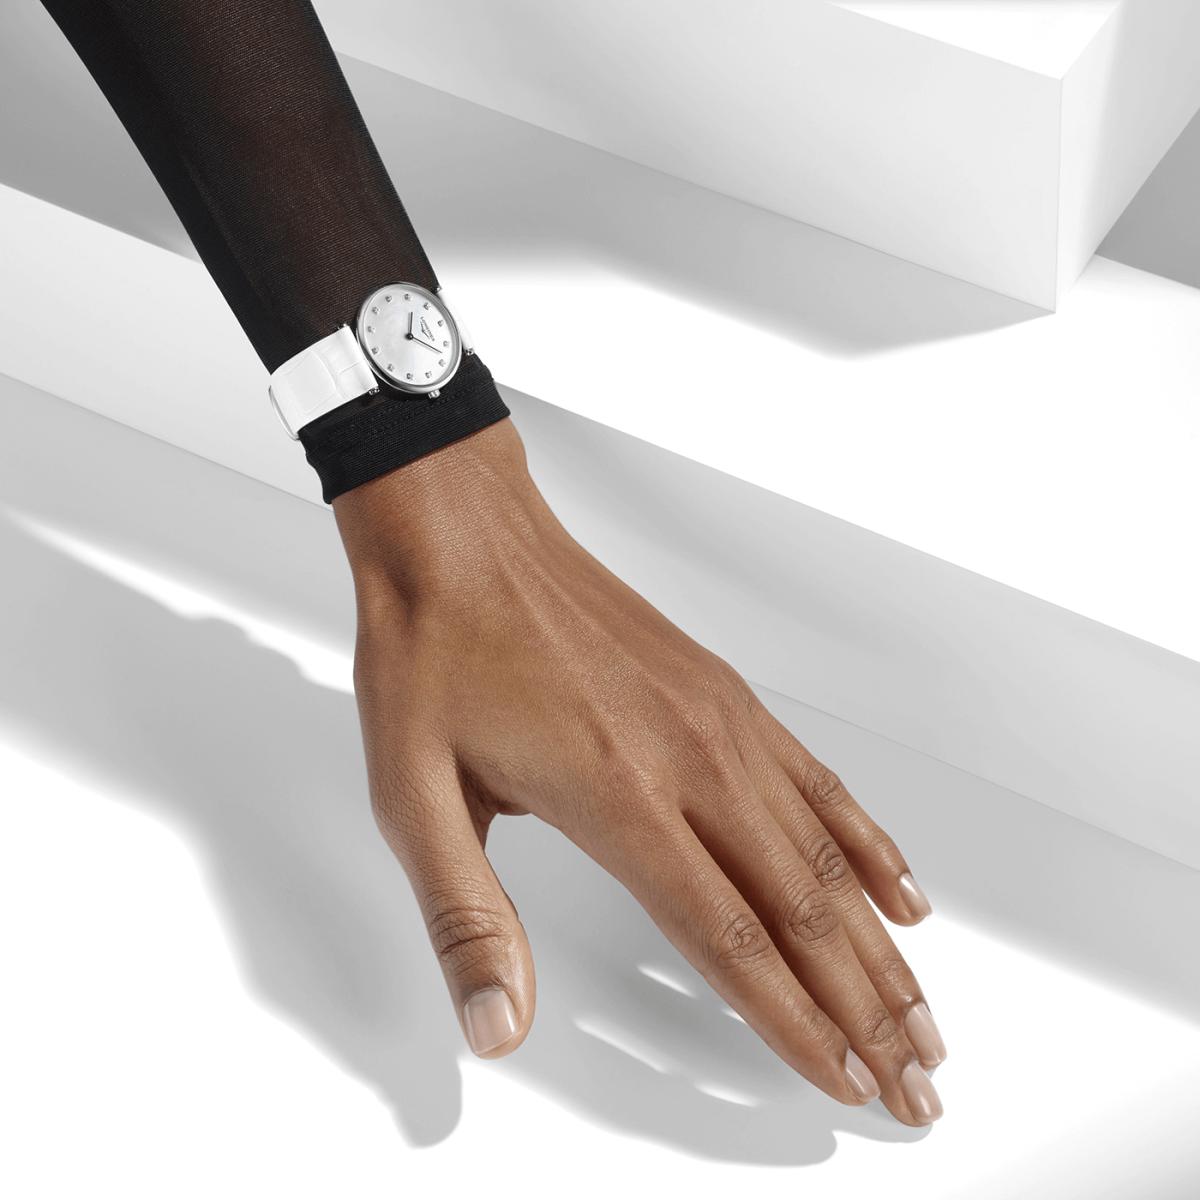 đồng hồ longines nữ cao cấp chính hãng được yêu thích nhất